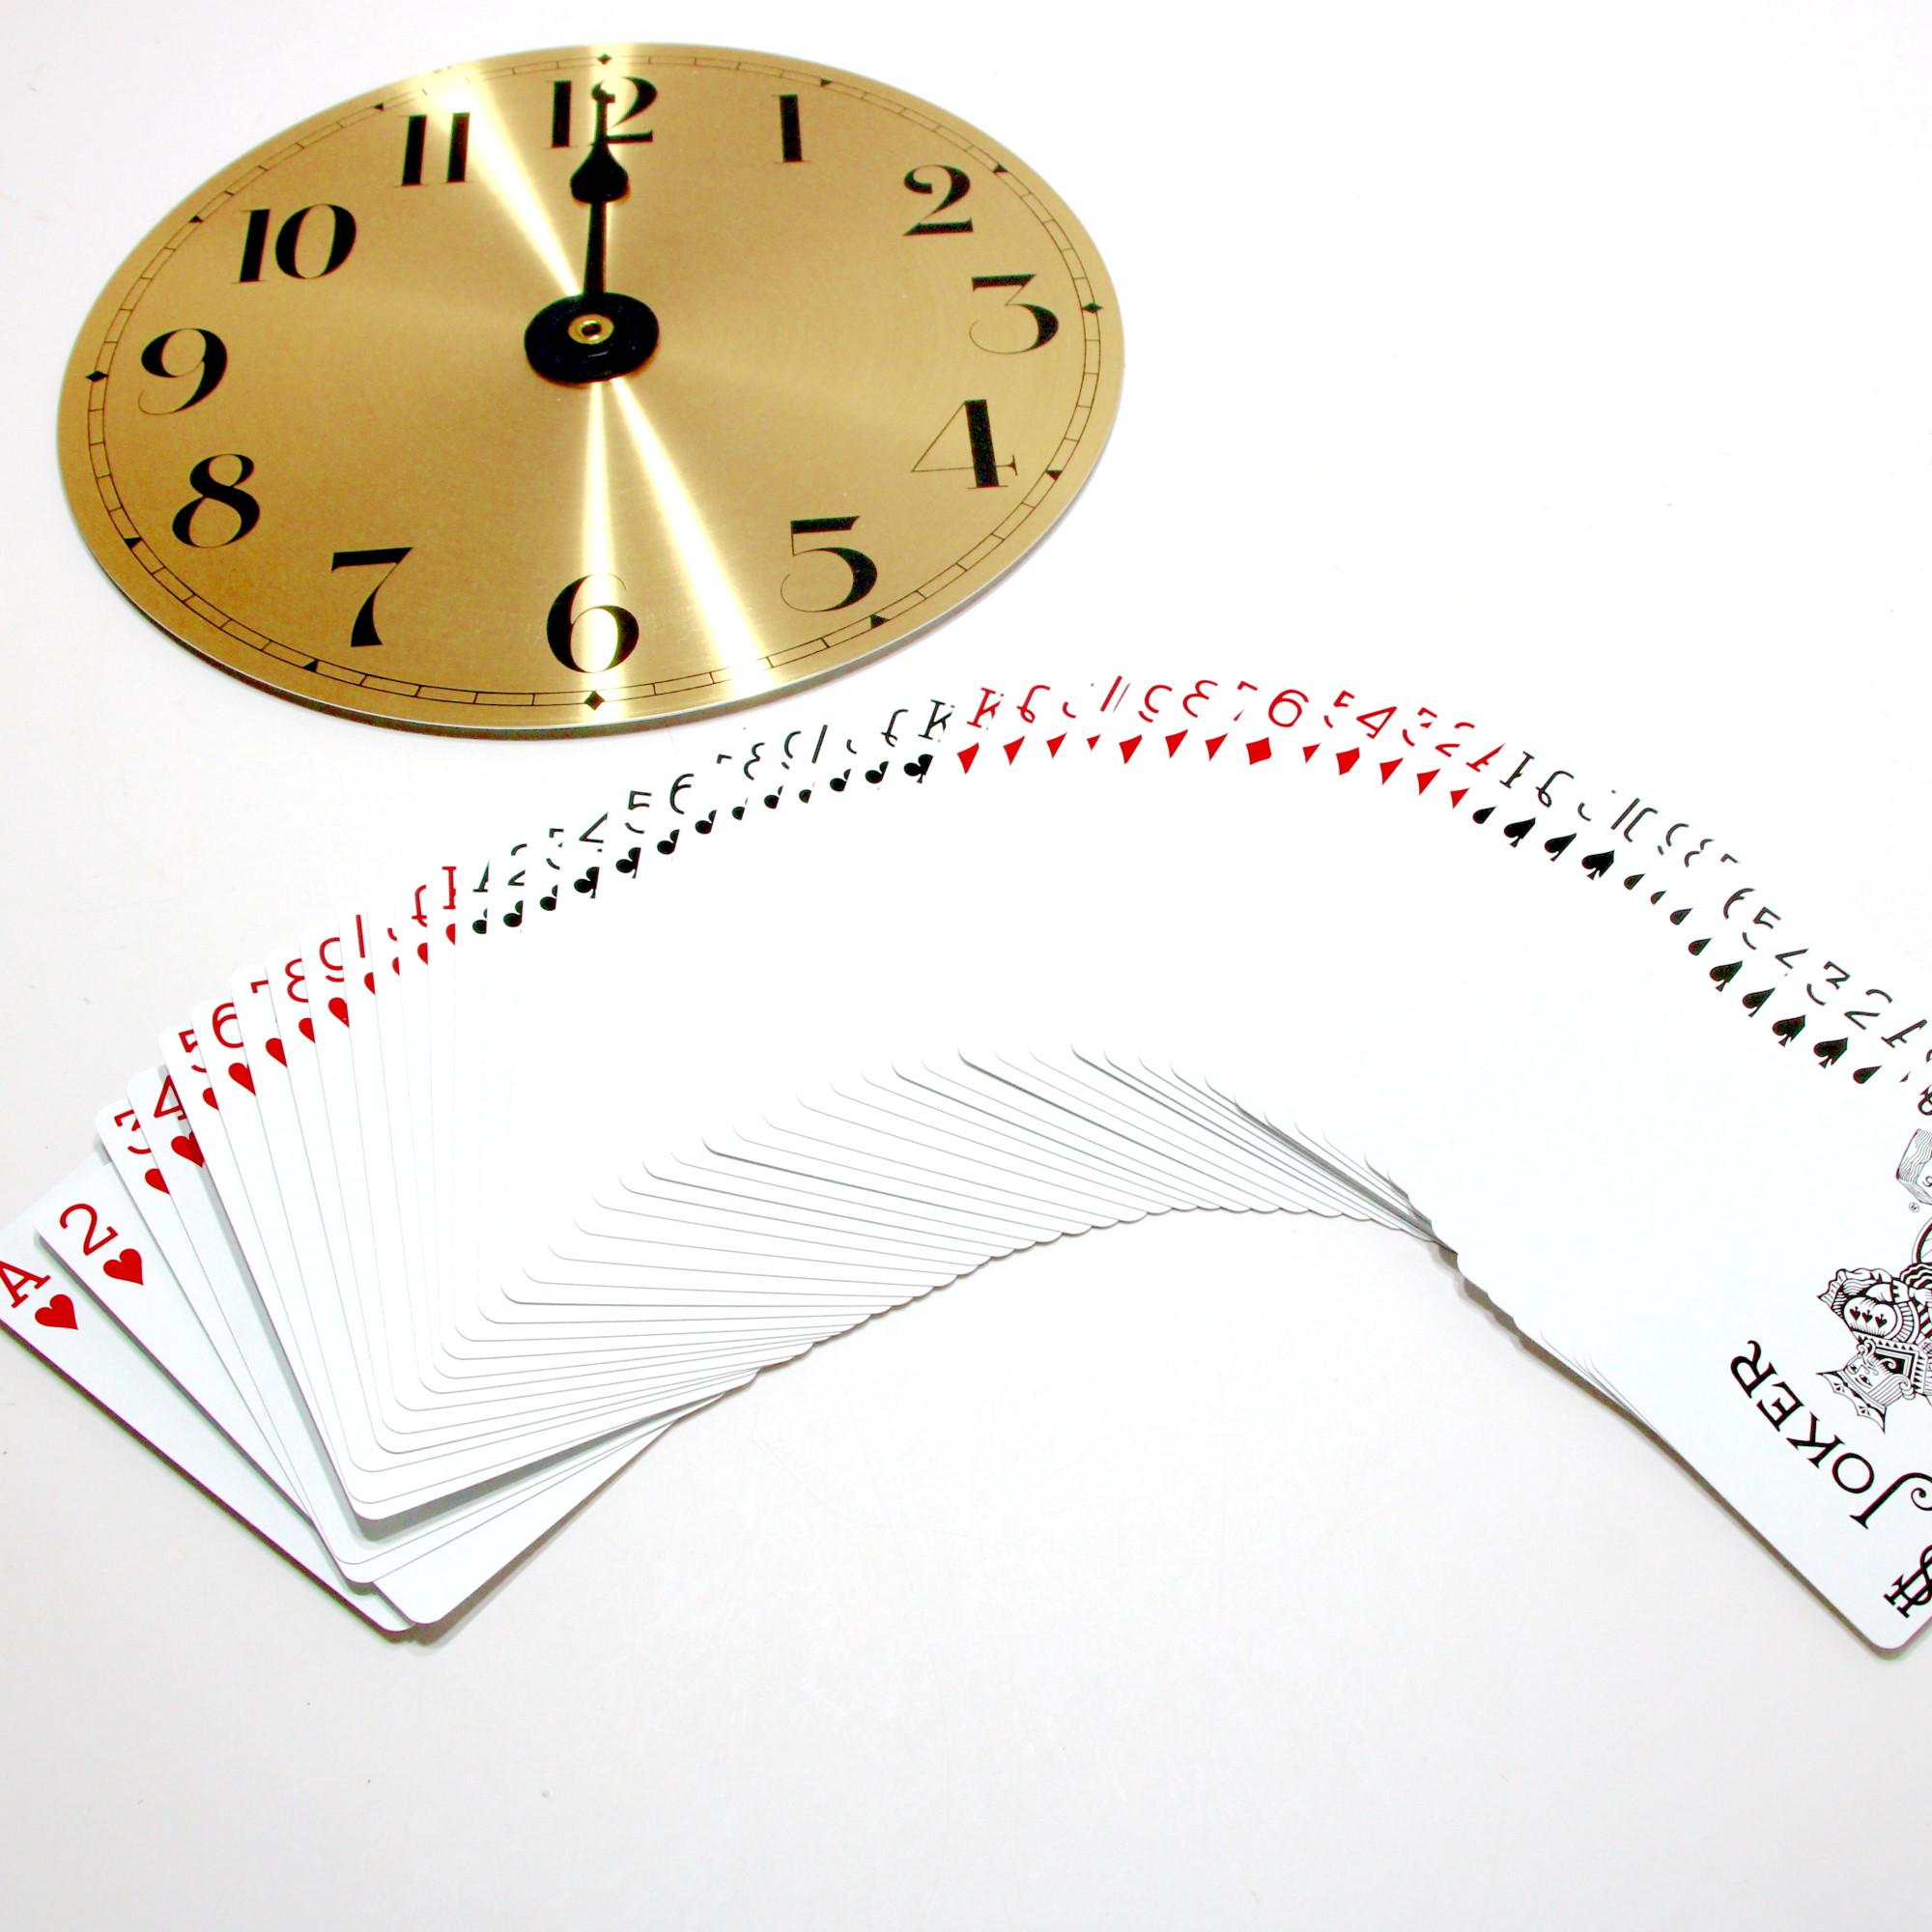 Time Will Tell by Ray Piatt, Lisa Piatt